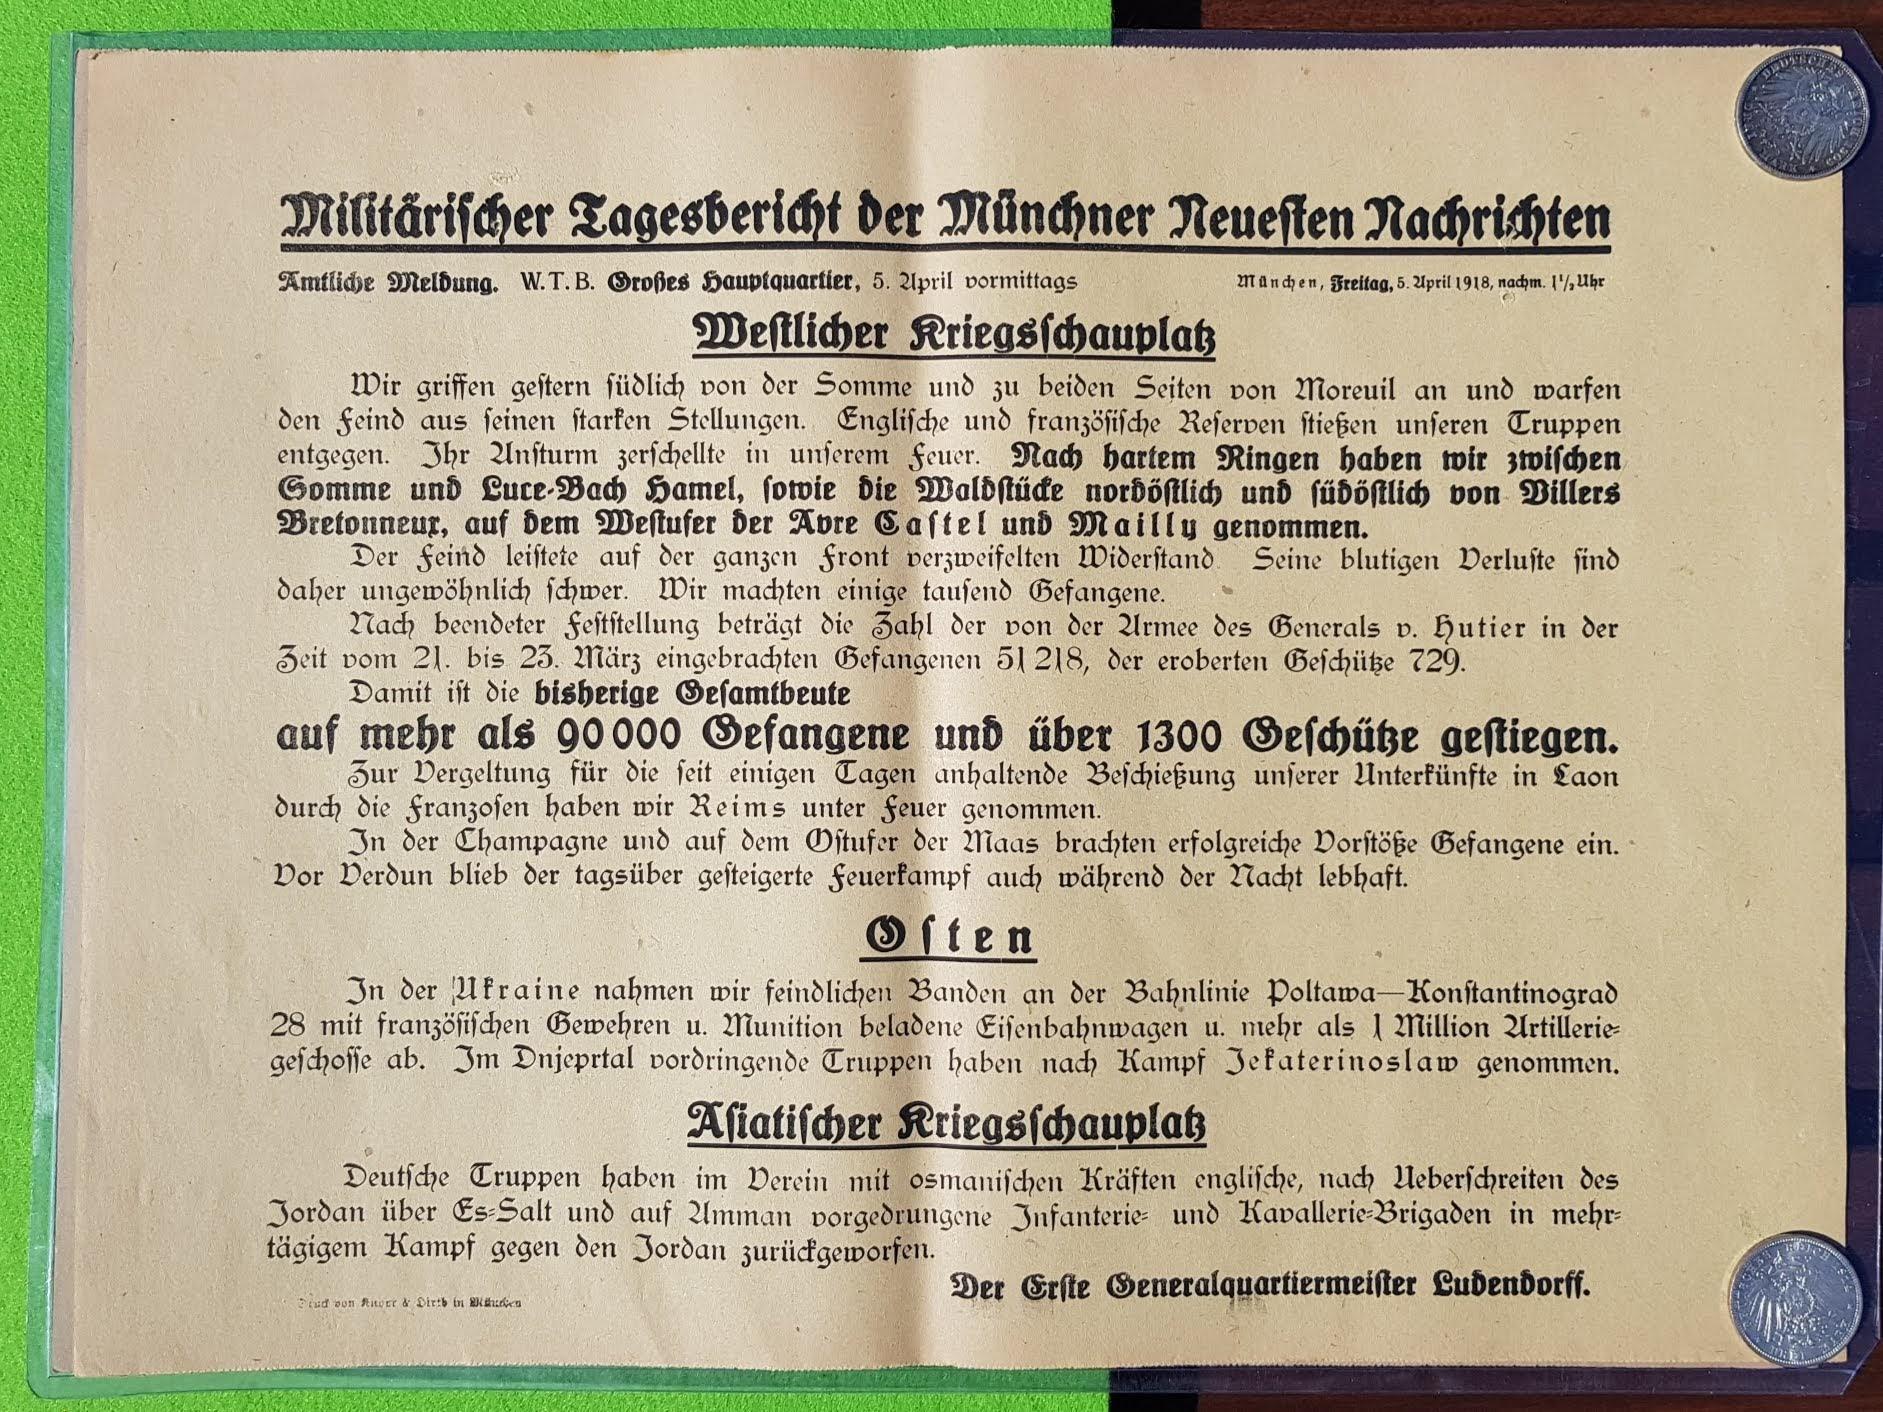 Militärischer Tagesbericht vom 5. April 1918